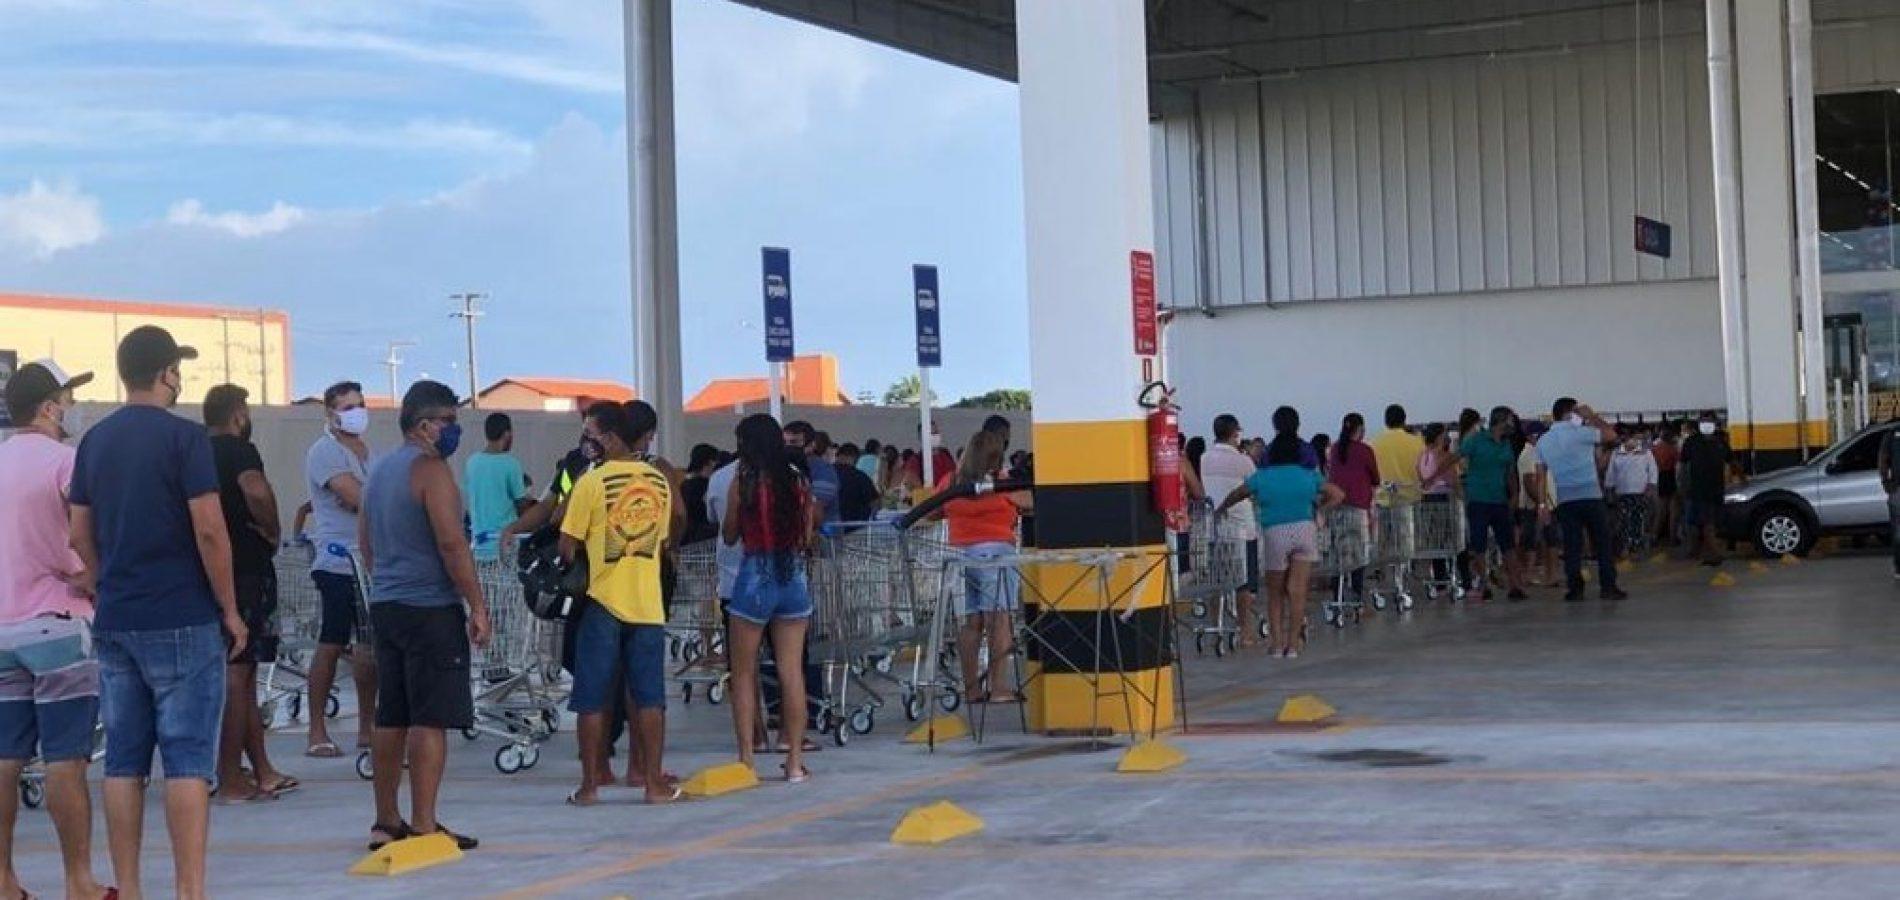 Inauguração de supermercado gera aglomeração em Parnaíba; cidade com 203 casos da Covid-19